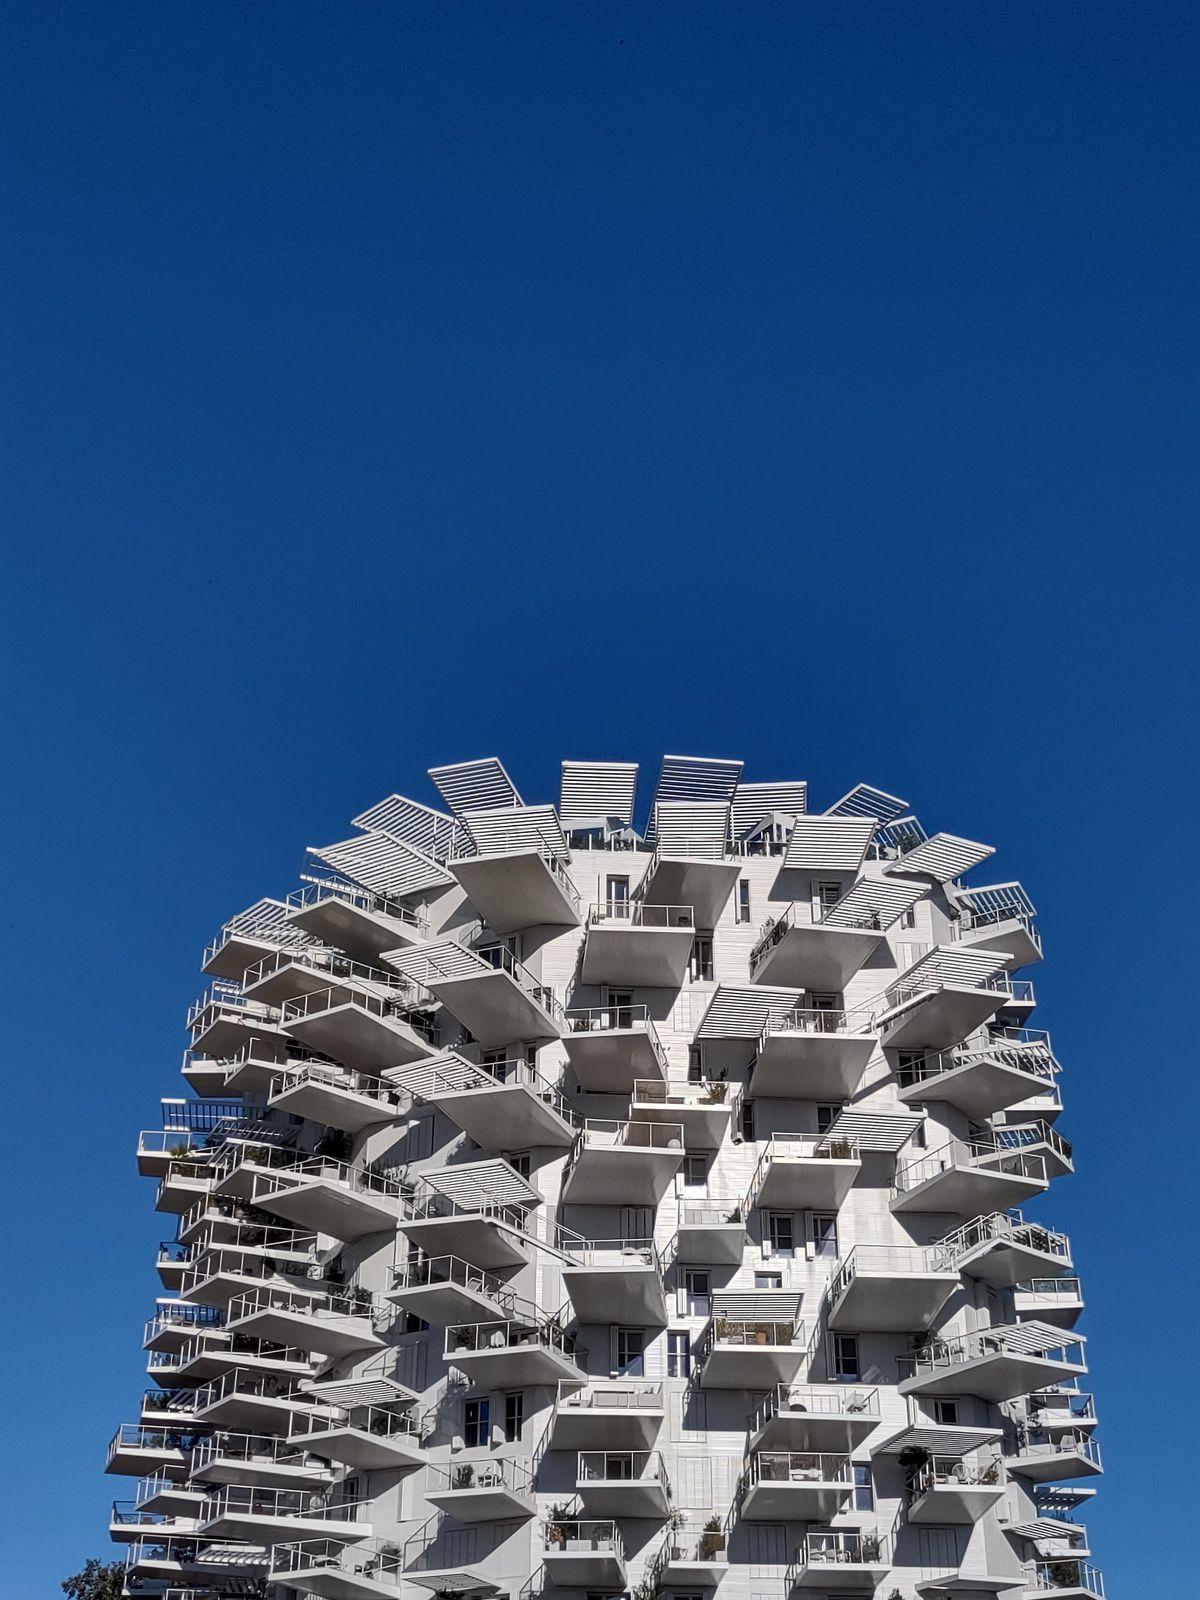 Photographes de l'immeuble arbre blanc octobre 2021 Montpellier, France